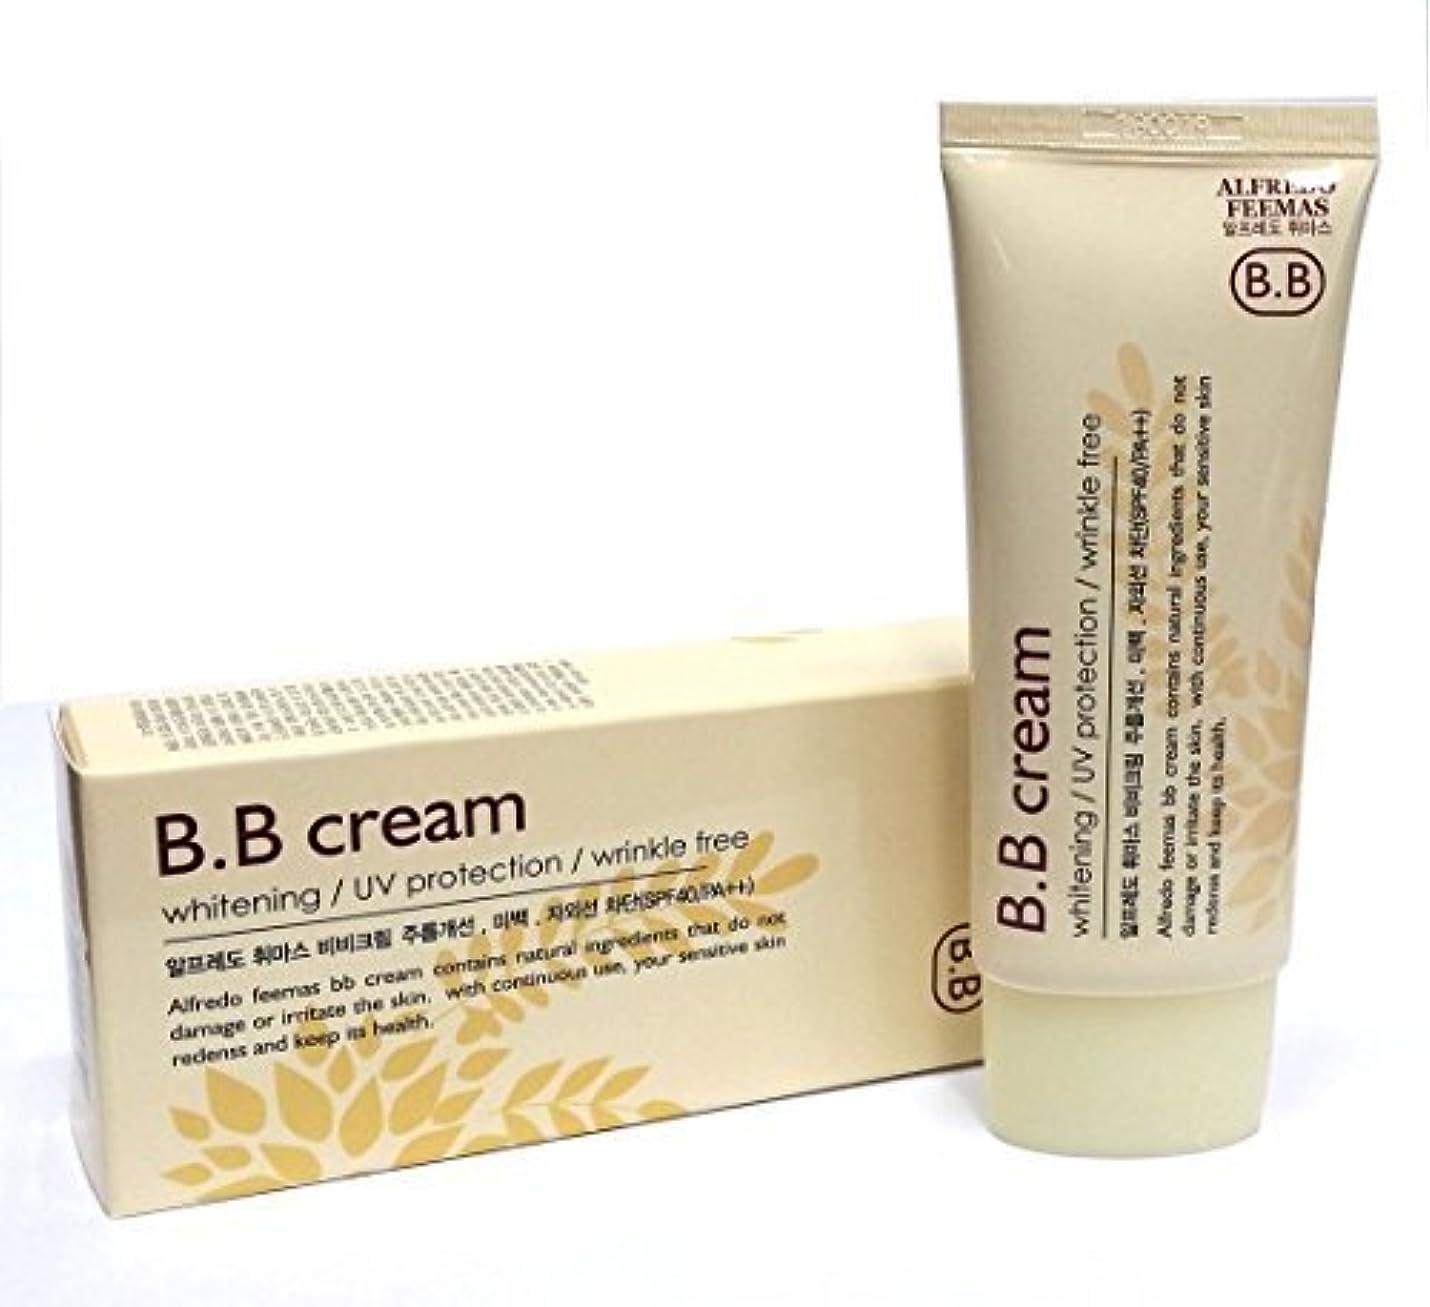 くちばし開発パズル[ALFREDO FEEMAS] シャイニングBBクリームホワイトニング日焼け止めSPF40 PA++ 50ml / 韓国化粧品 / Shining BB Cream Whitening Sunblock SPF40 PA++ 50ml / Korean Cosmetics [並行輸入品]